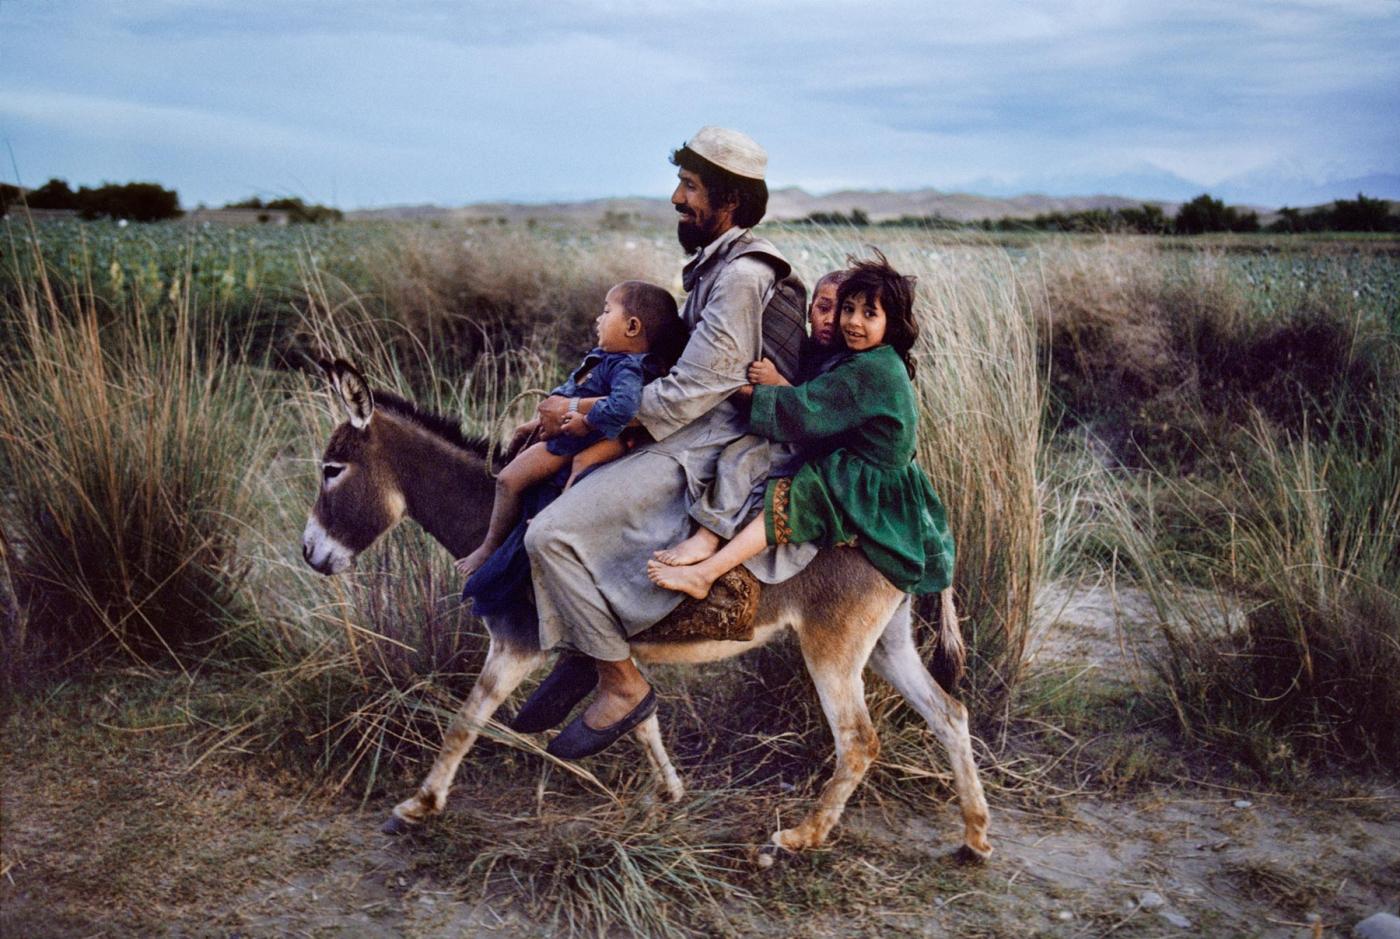 【攝影蟲】殿堂級的攝影記者 Steve McCurry_图1-7